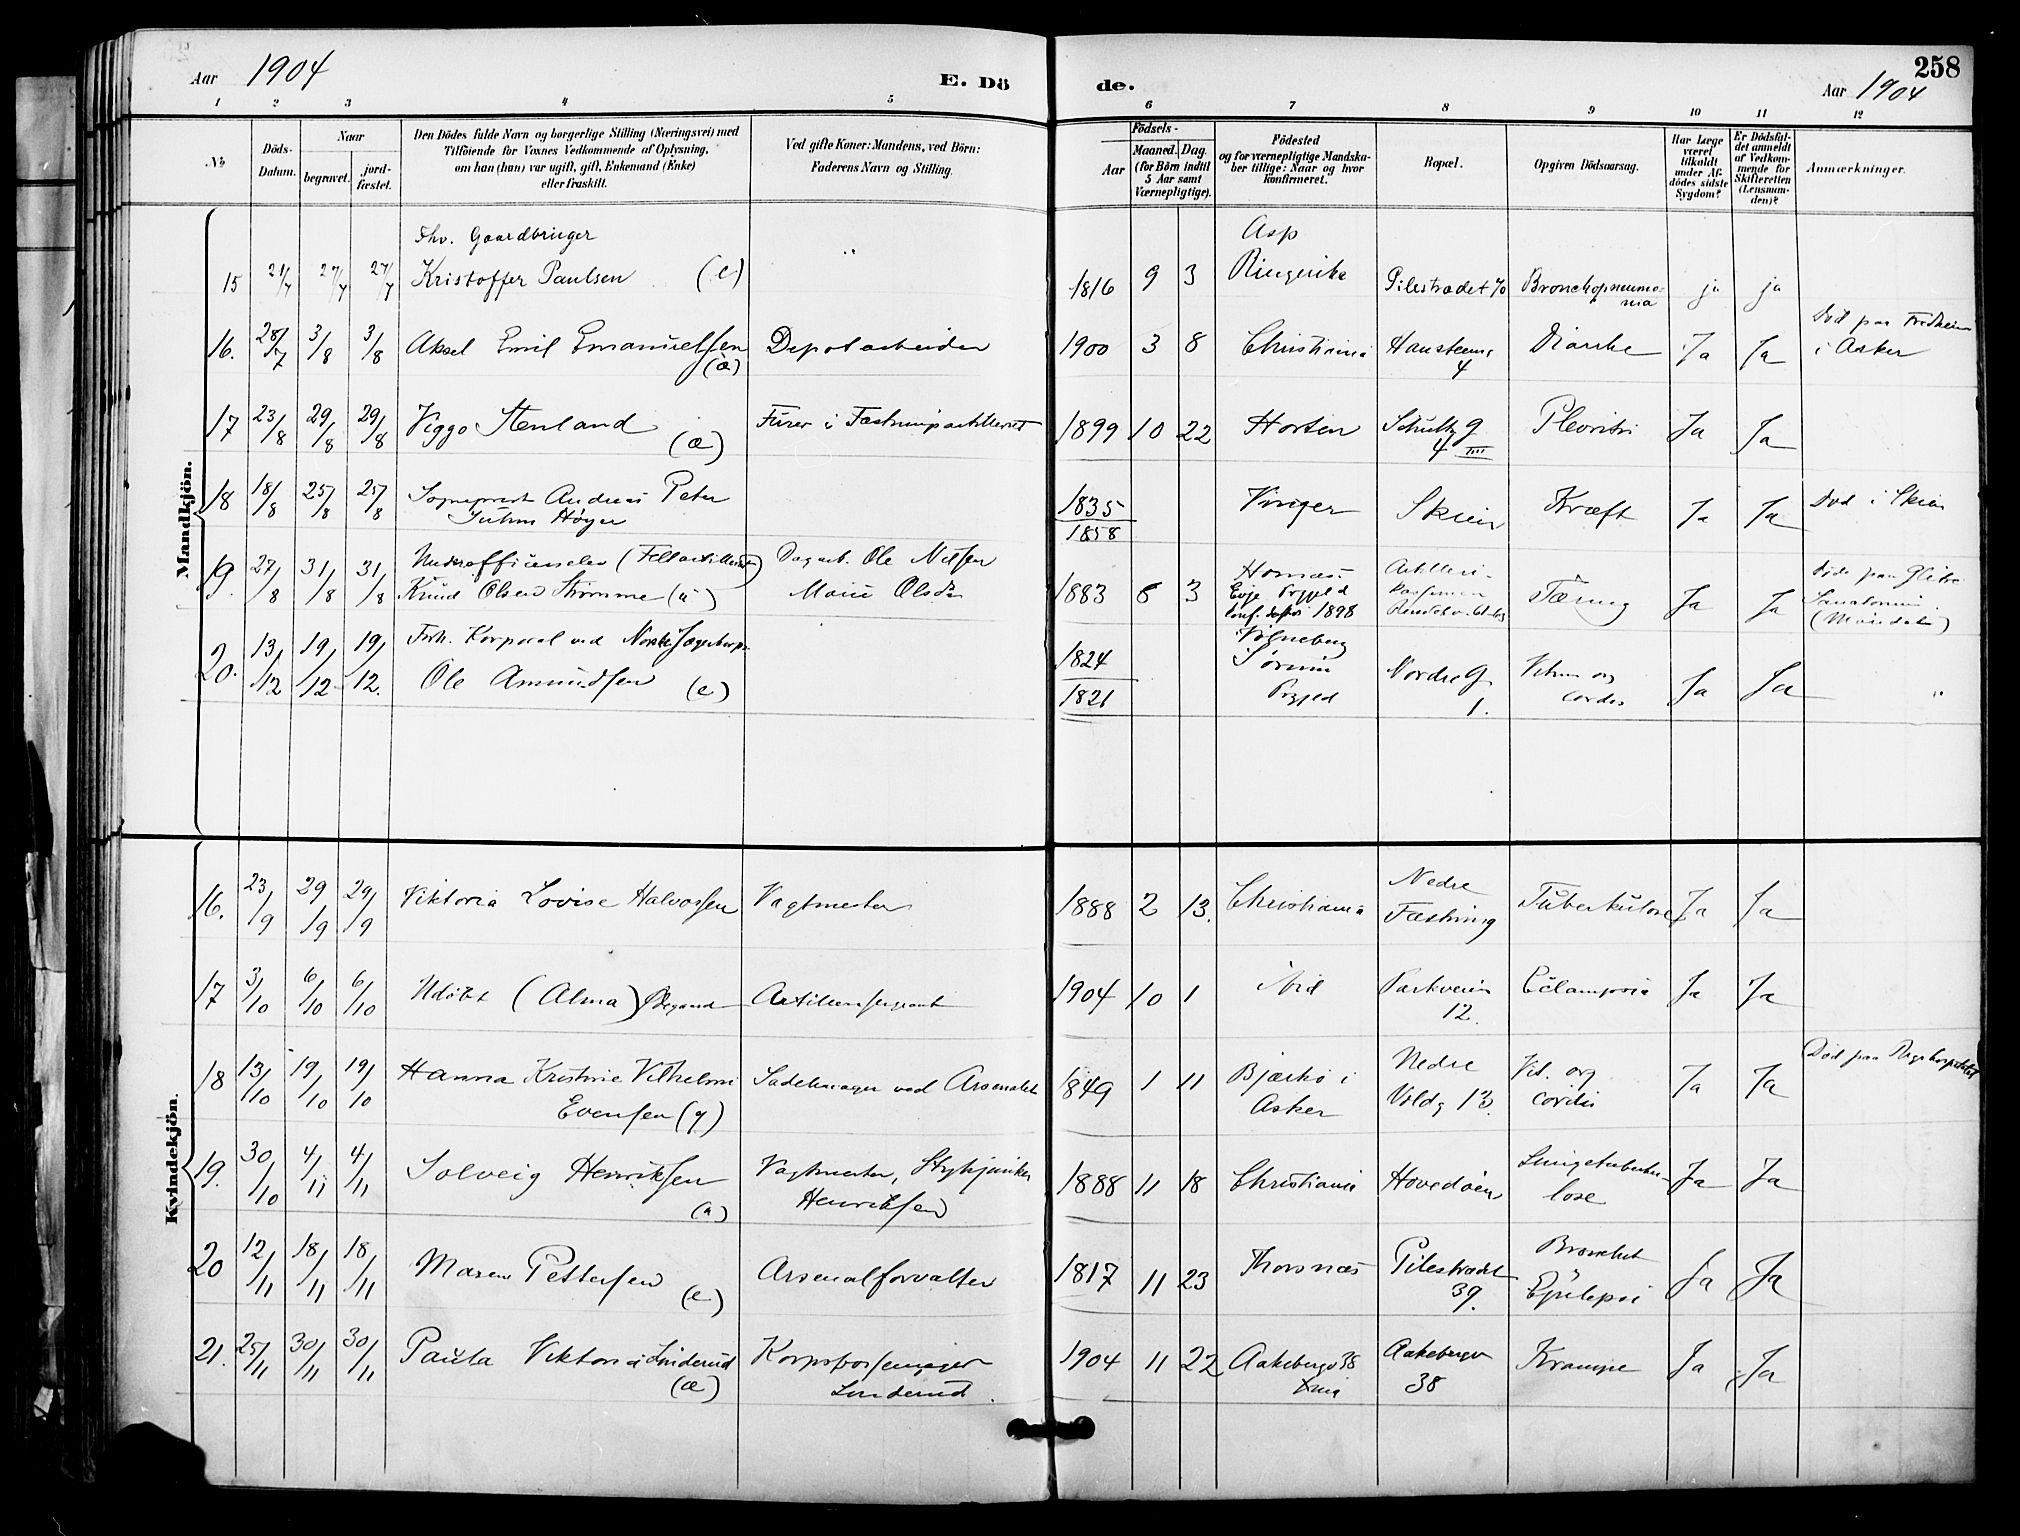 SAO, Garnisonsmenigheten Kirkebøker, F/Fa/L0013: Ministerialbok nr. 13, 1894-1904, s. 258